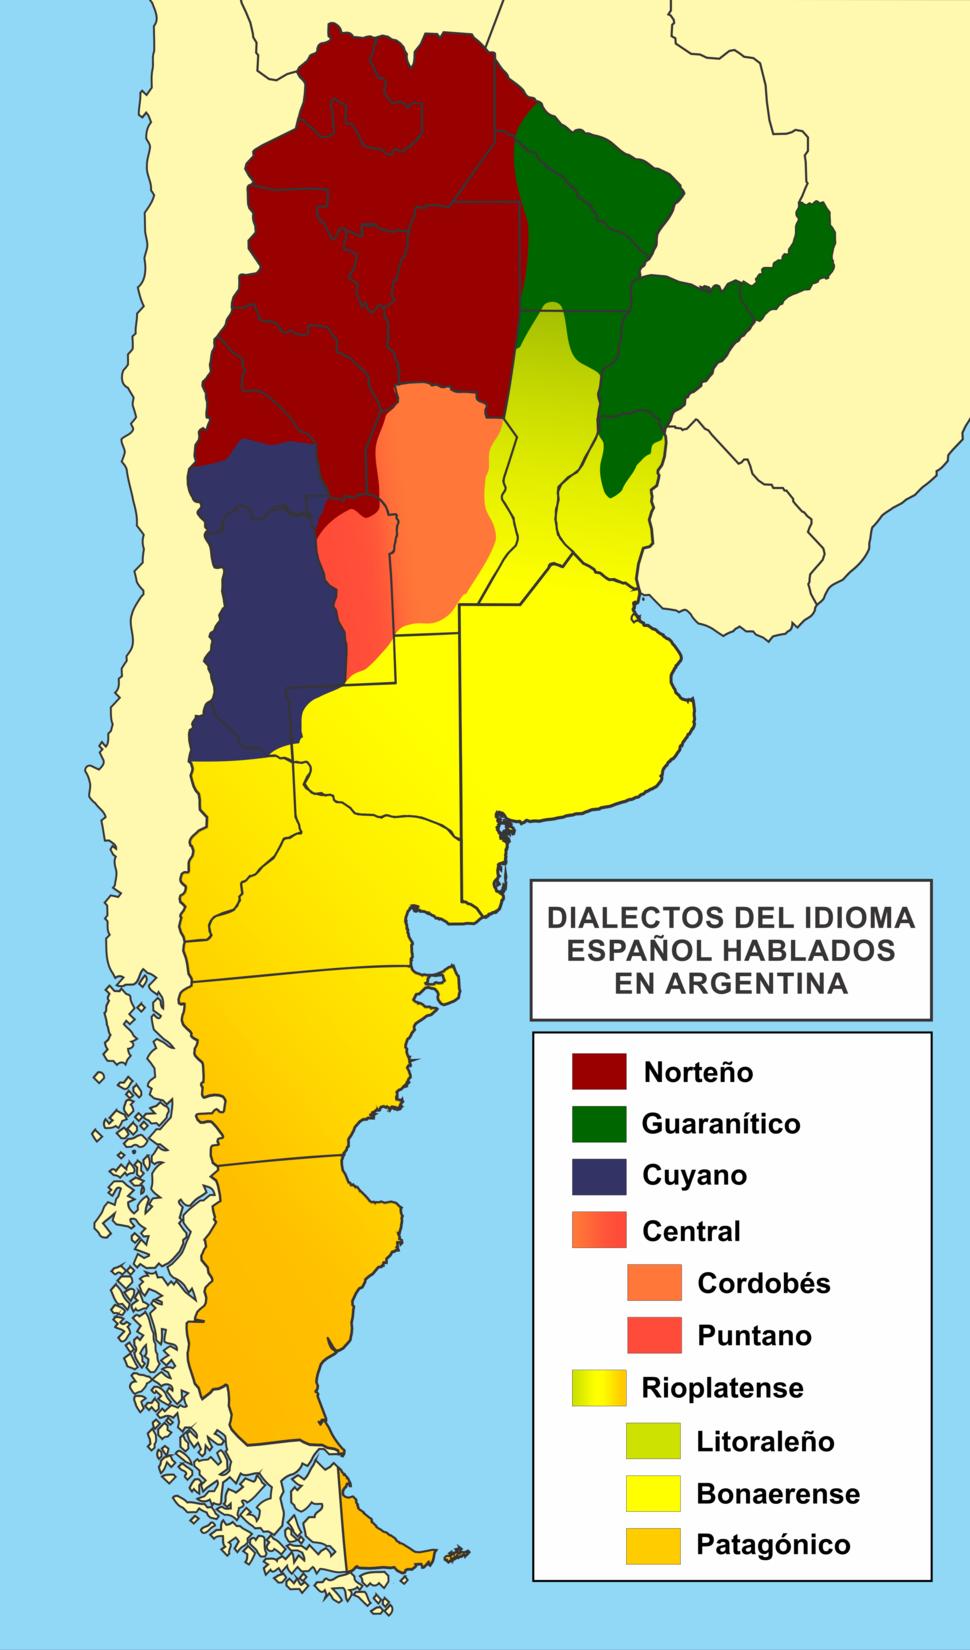 Dialectos del idioma español en Argentina